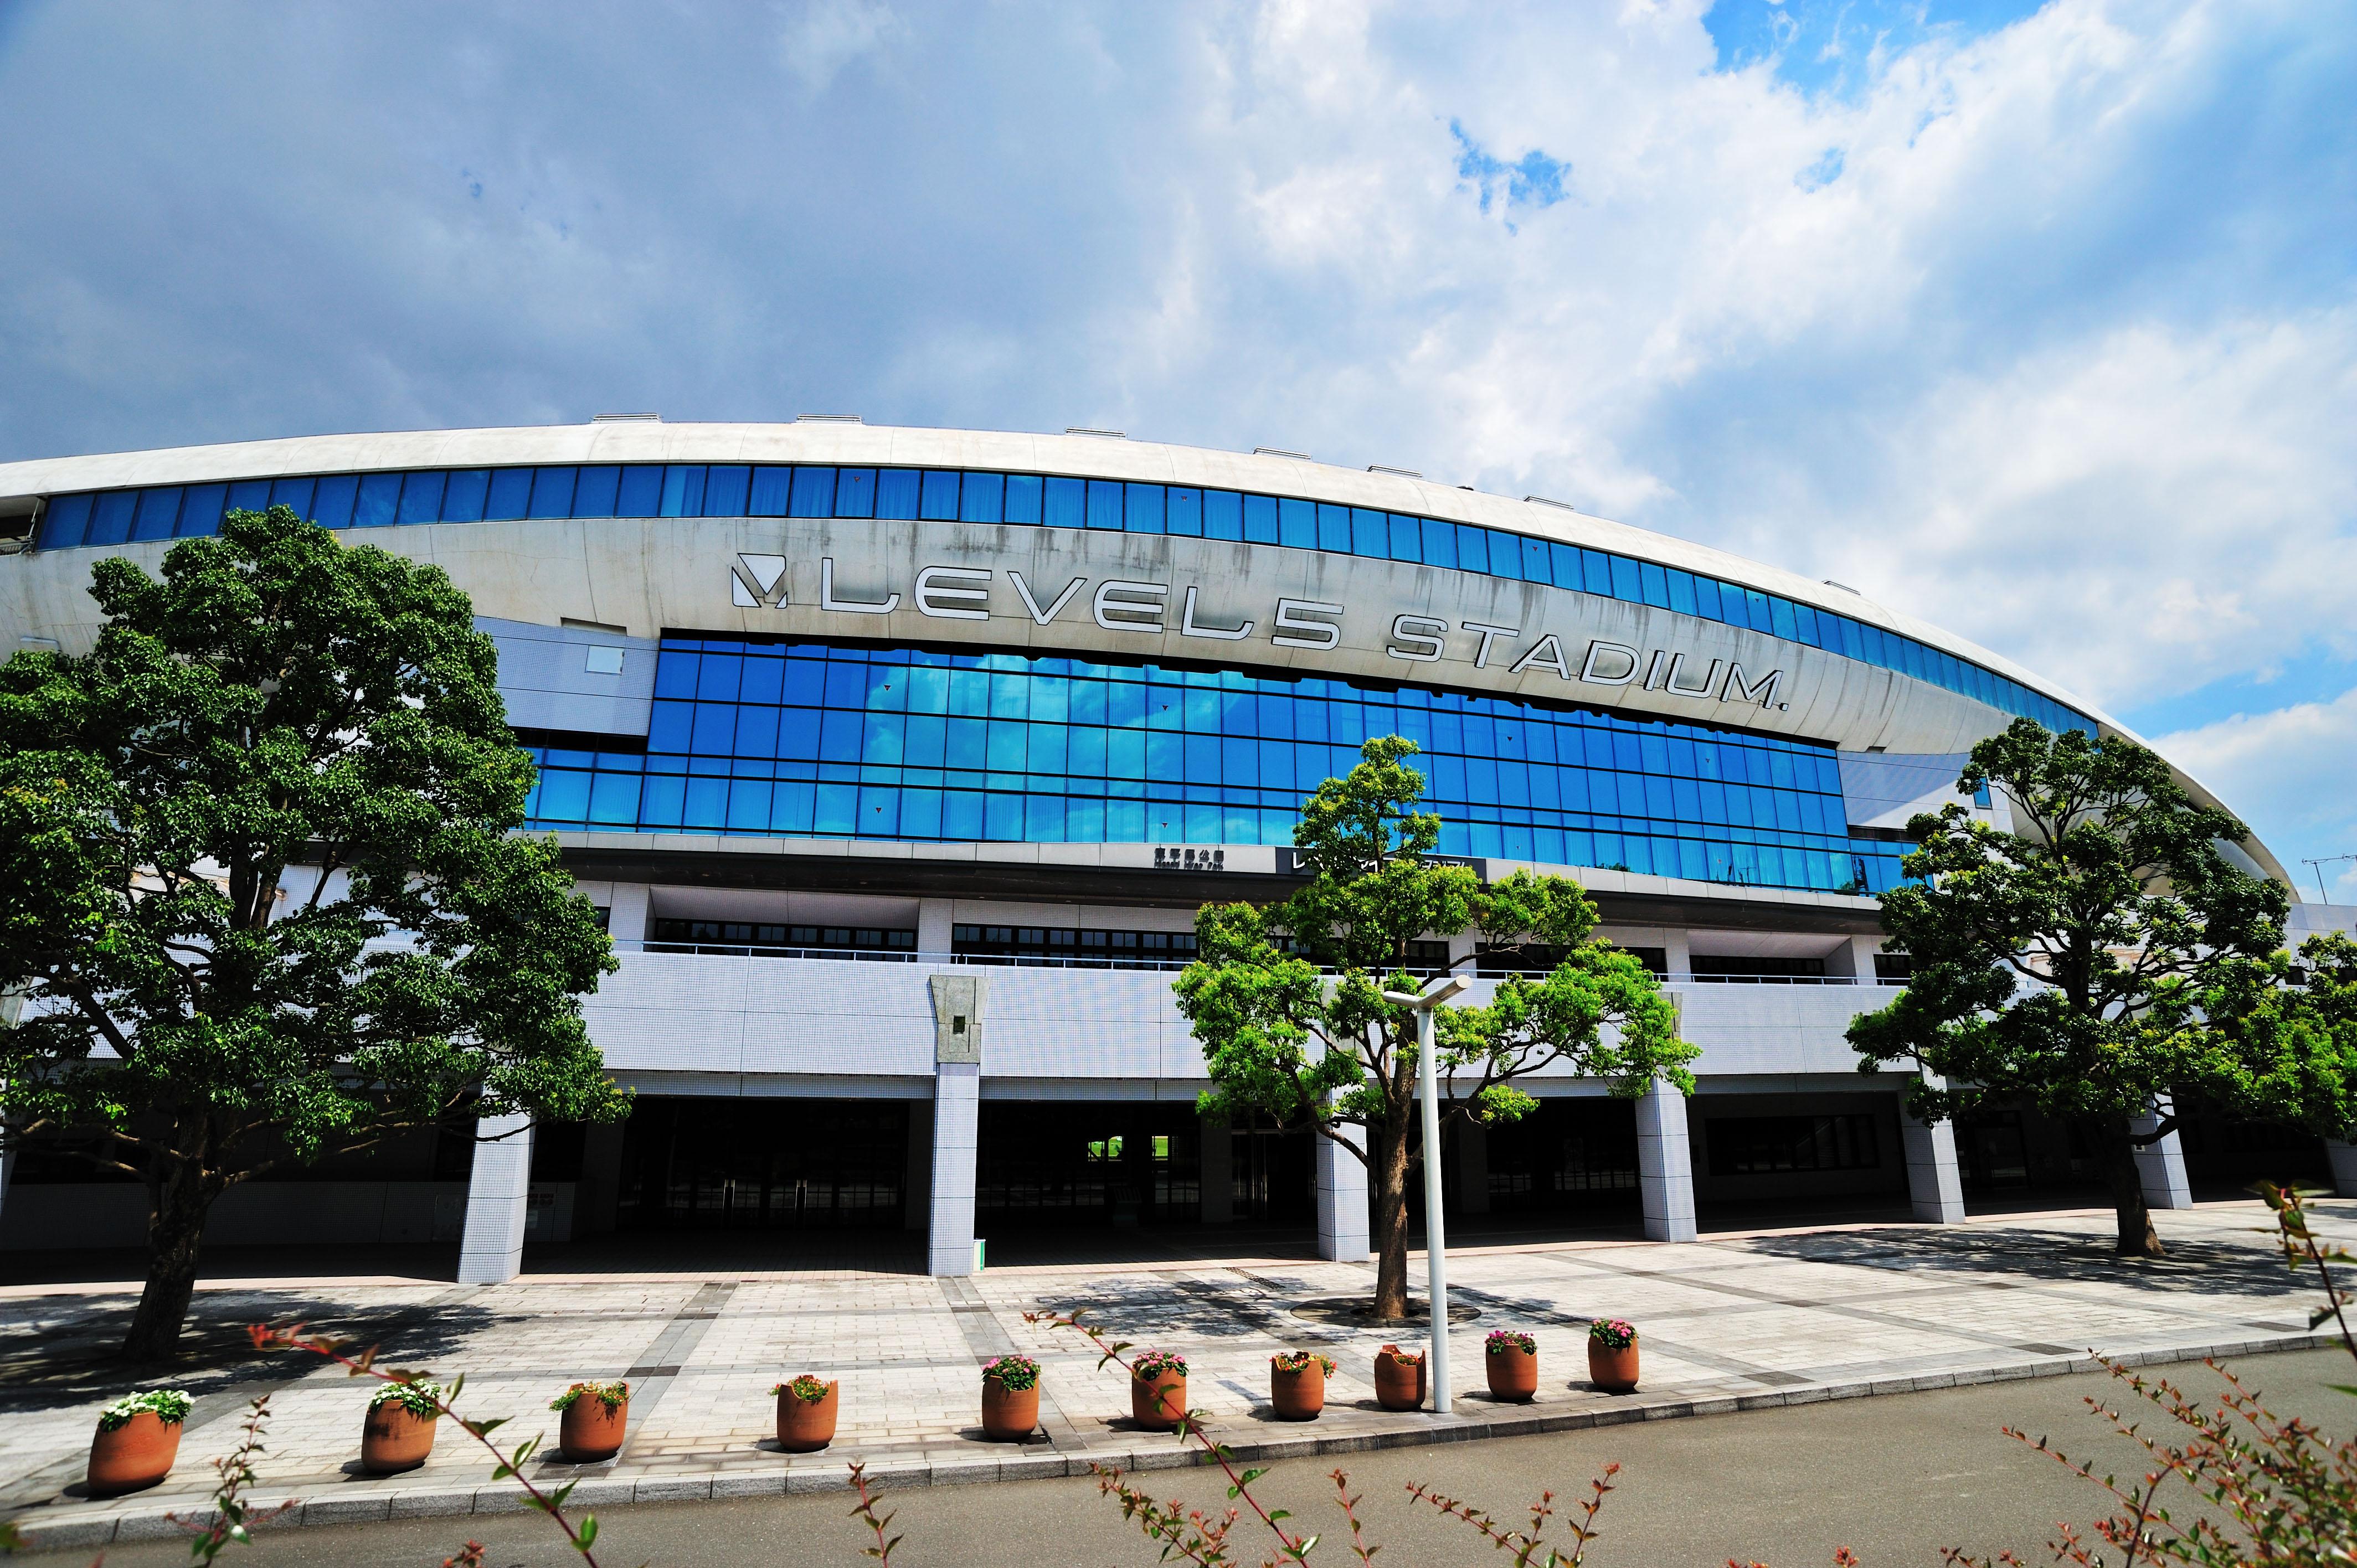 アビスパの本拠地・レベルファイブスタジアム(2009)の画像